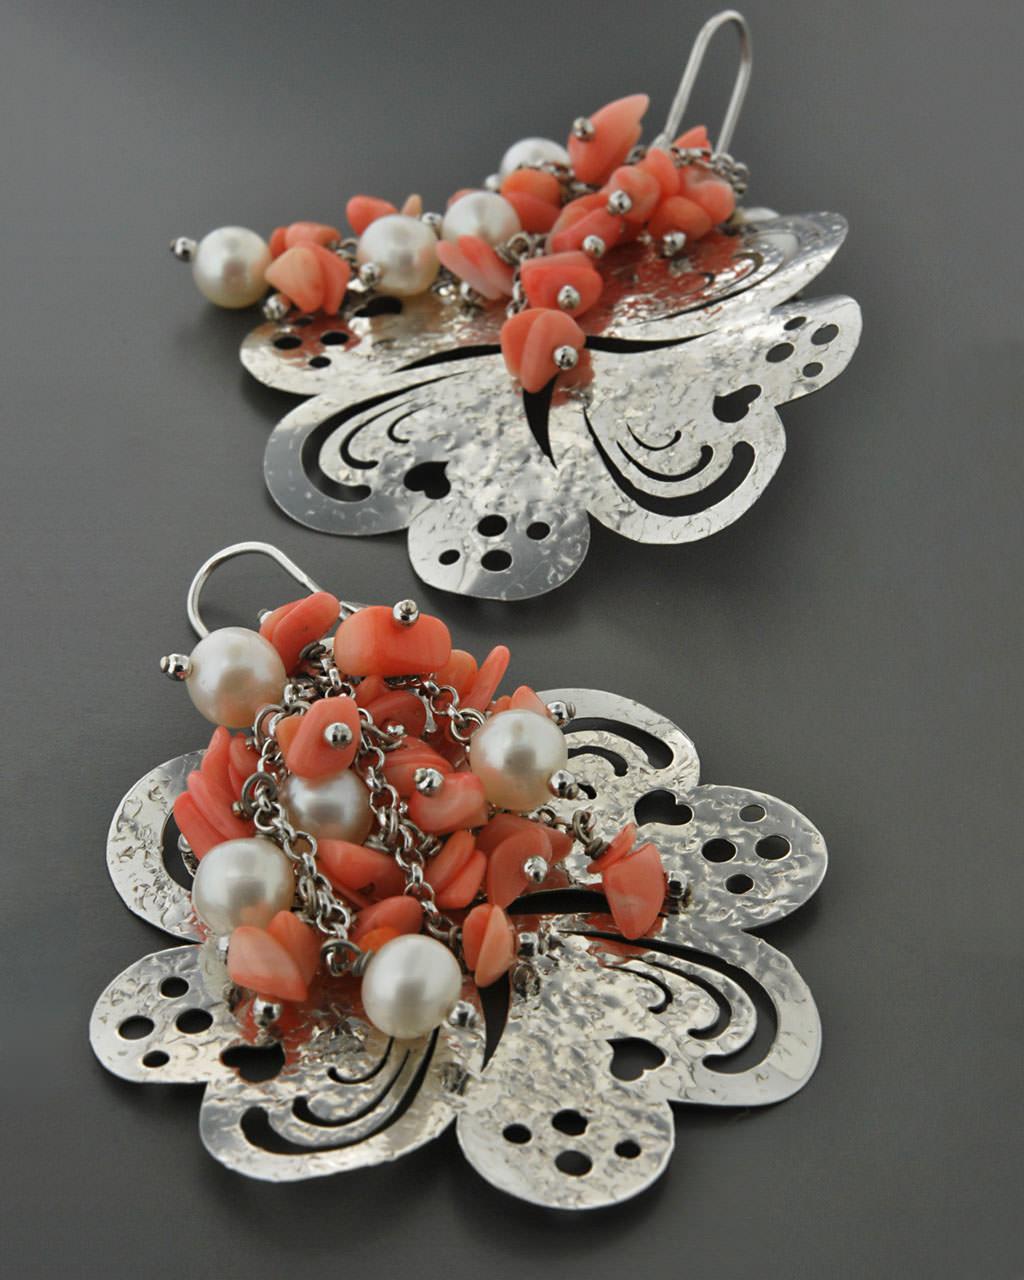 Σκουλαρίκια ασημένια 925 με Κοράλι & Μαργαριτάρια   γυναικα σκουλαρίκια σκουλαρίκια ασημένια